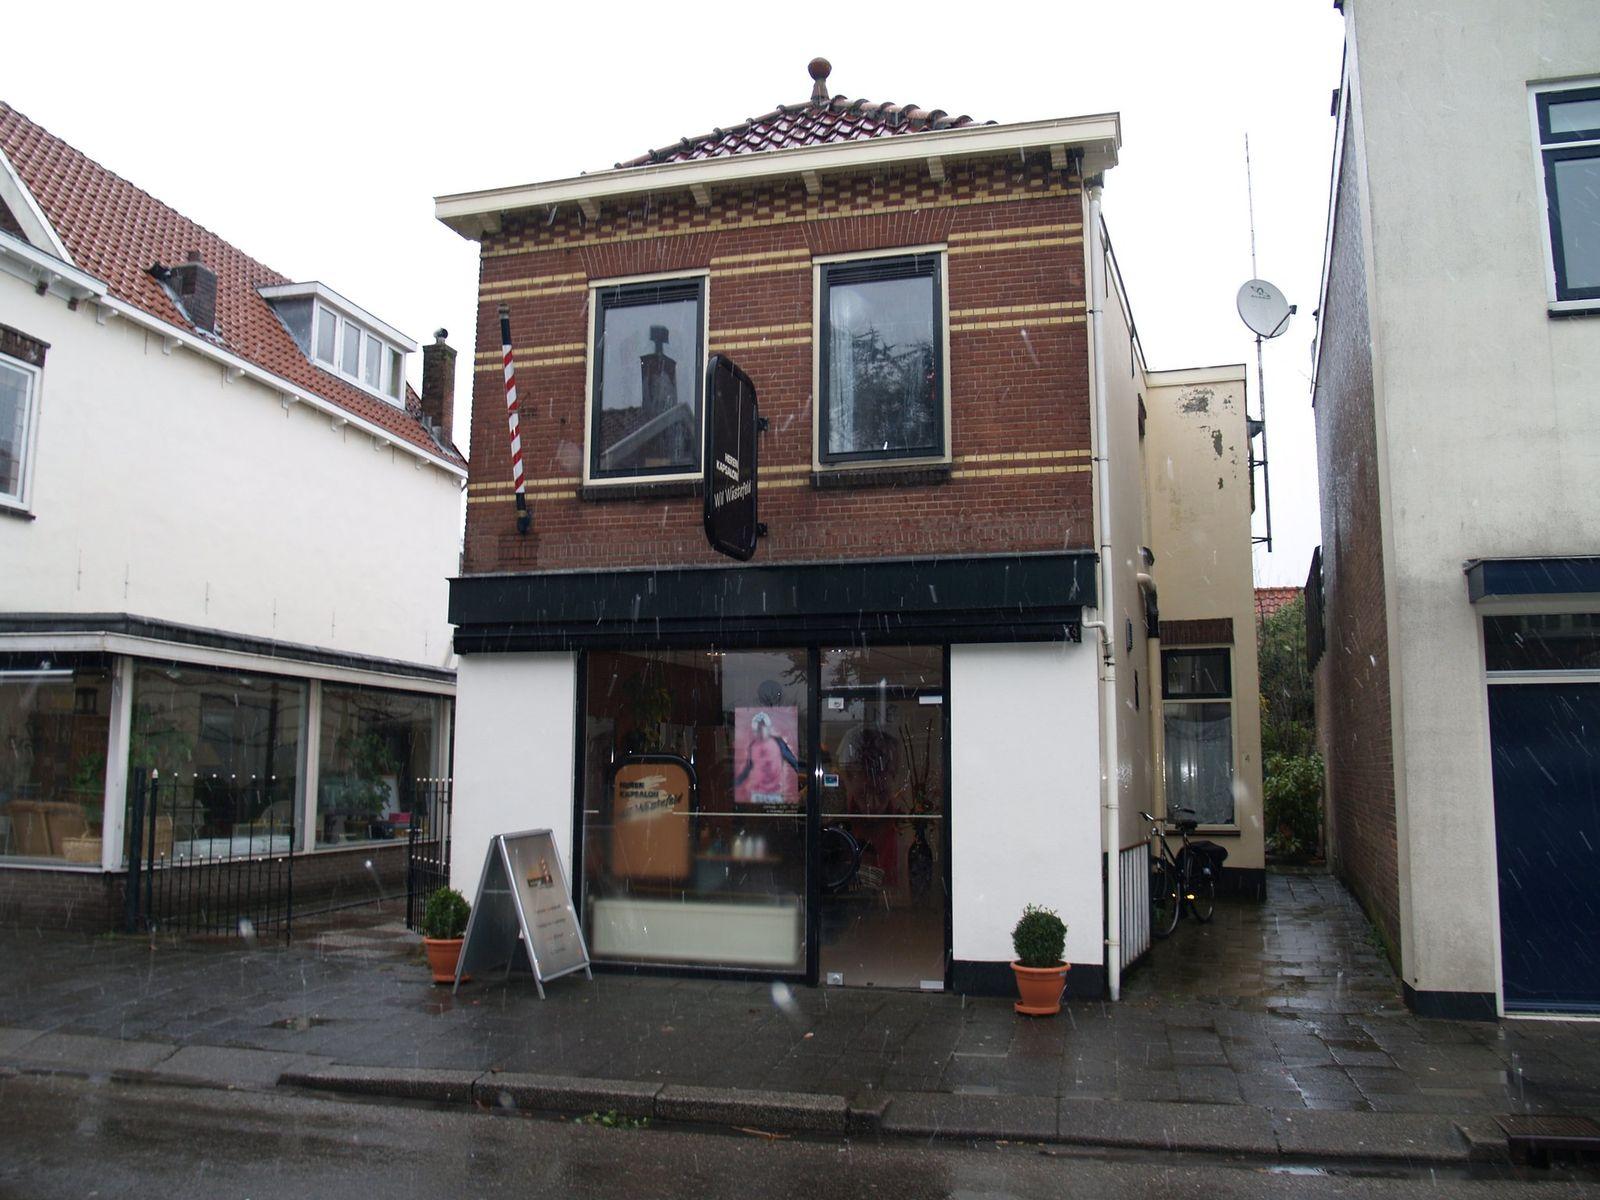 Wilhelminastraat 4, Bodegraven